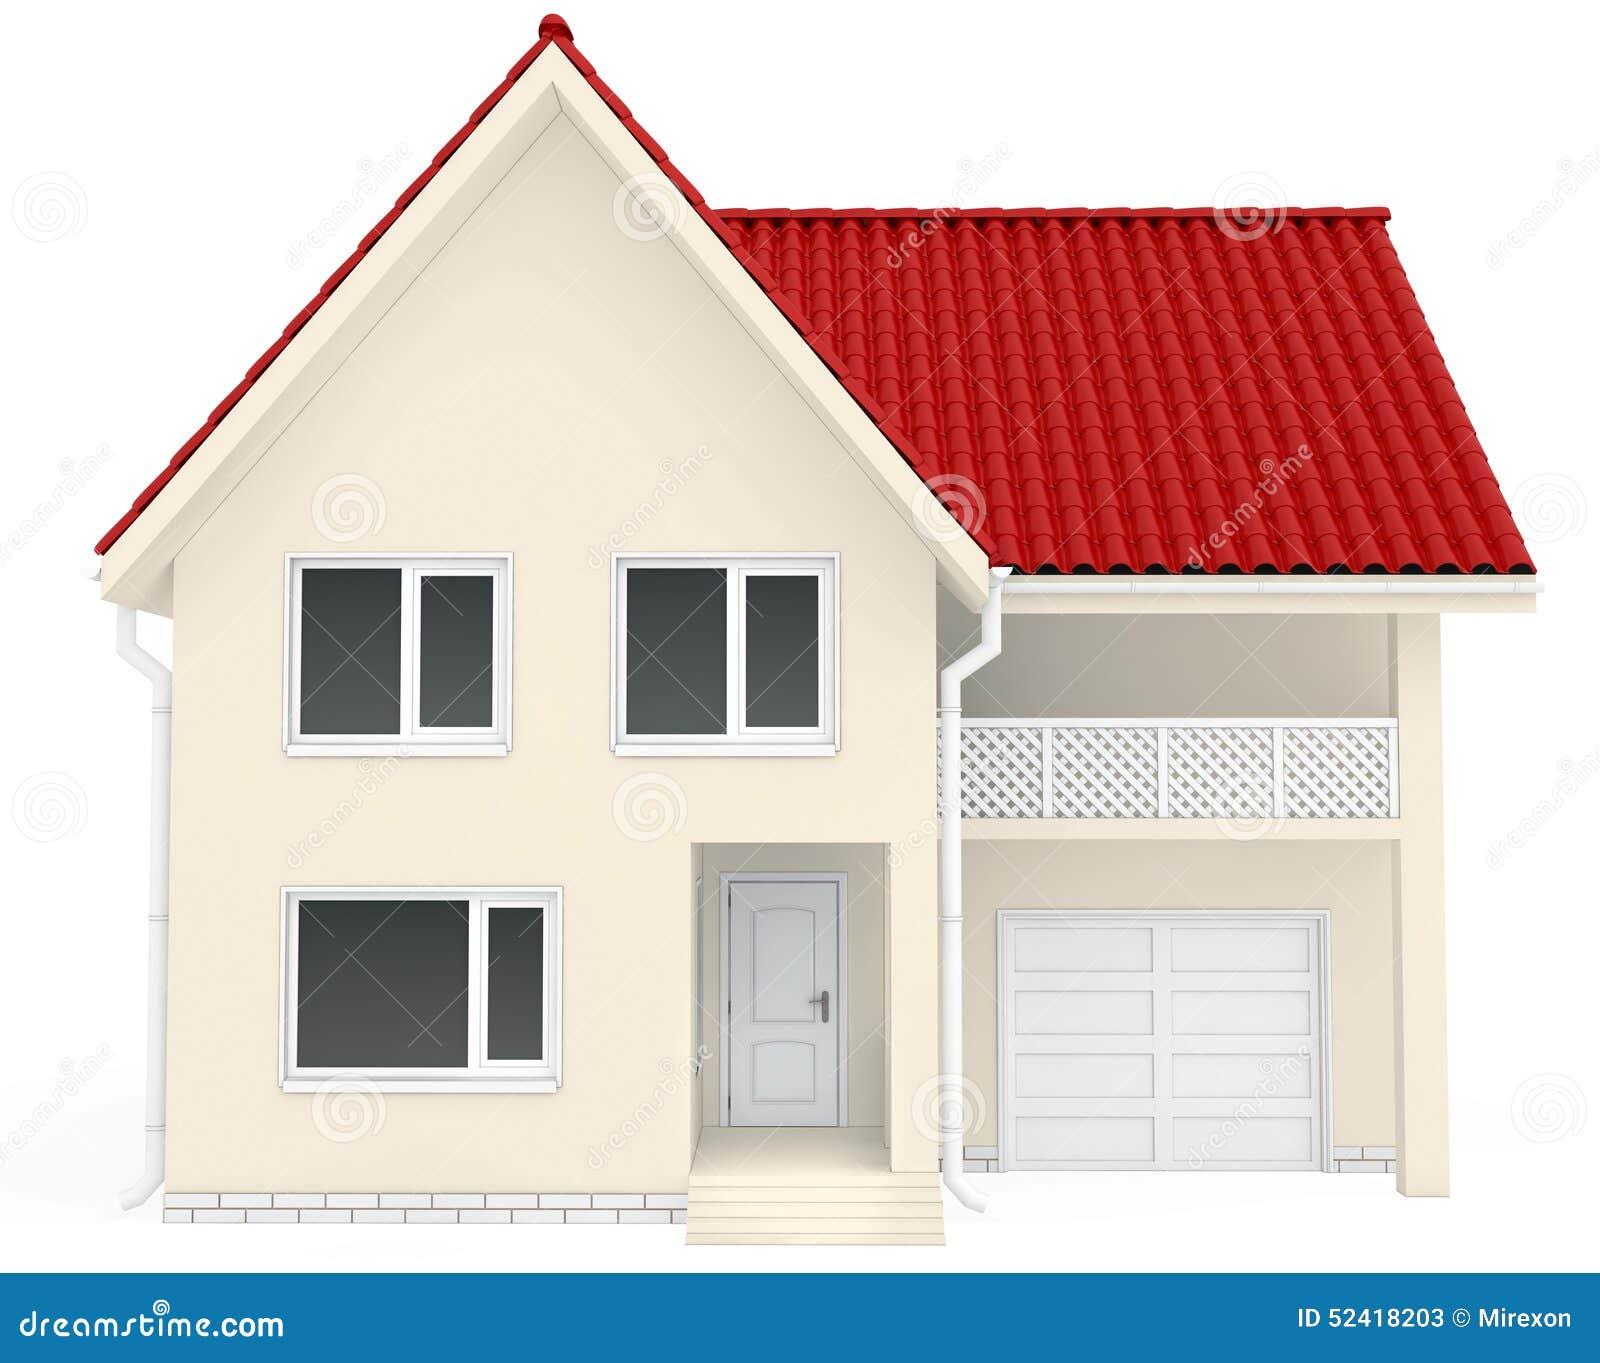 haus mit rotem dach balkon und garage an stockbild bild. Black Bedroom Furniture Sets. Home Design Ideas